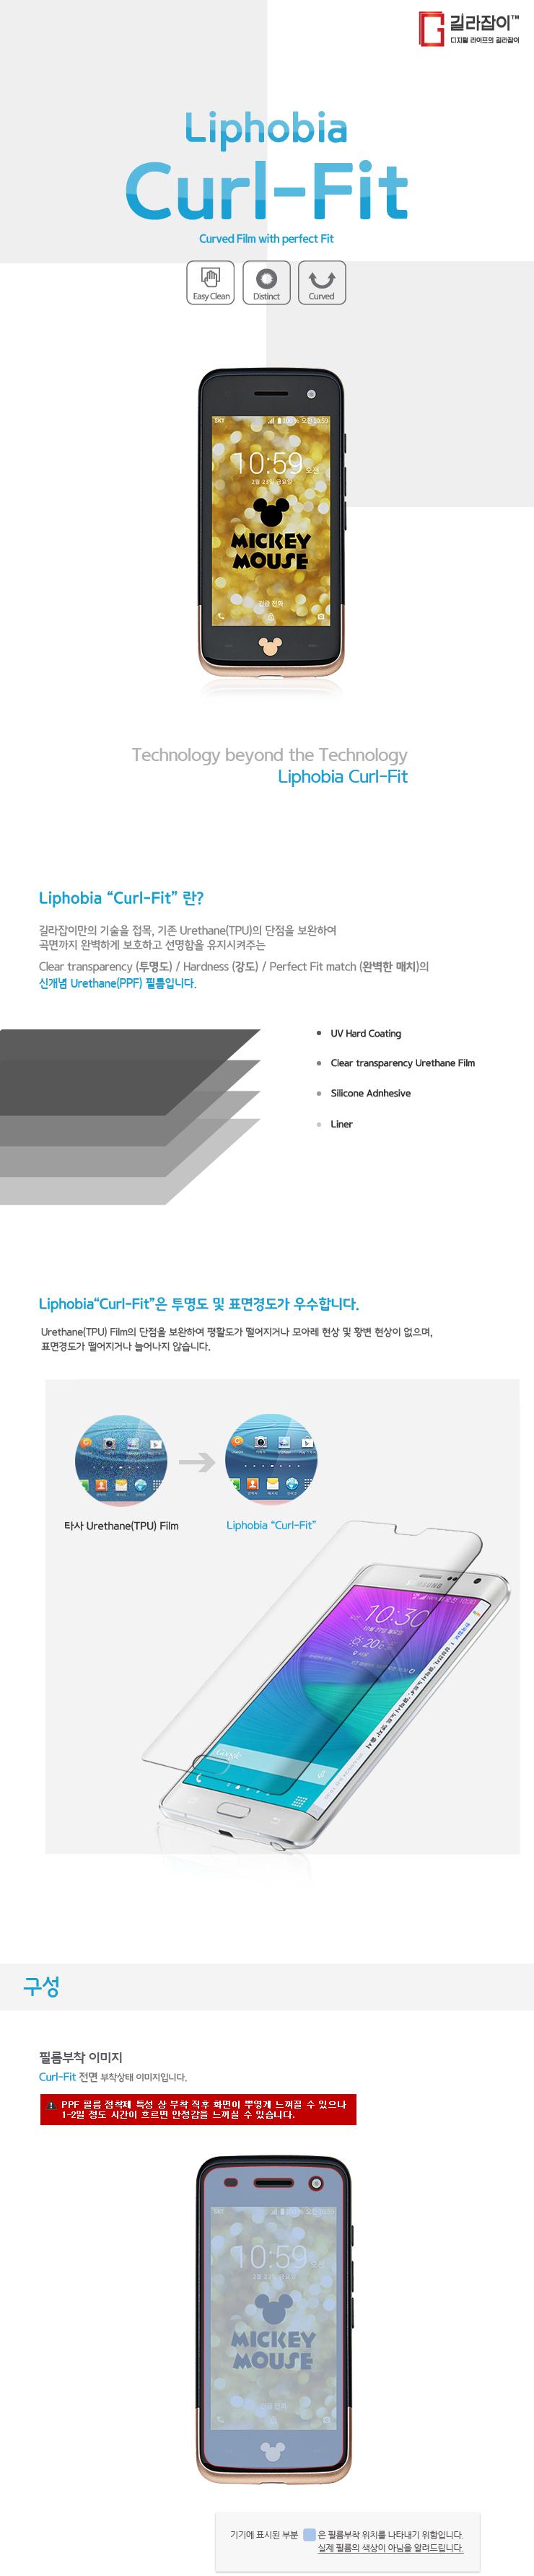 SKT 쿠키즈 미니폰 컬핏 풀커버 액정보호필름 (2매입) - 길라잡이, 12,800원, 필름/스킨, 기타 스마트폰